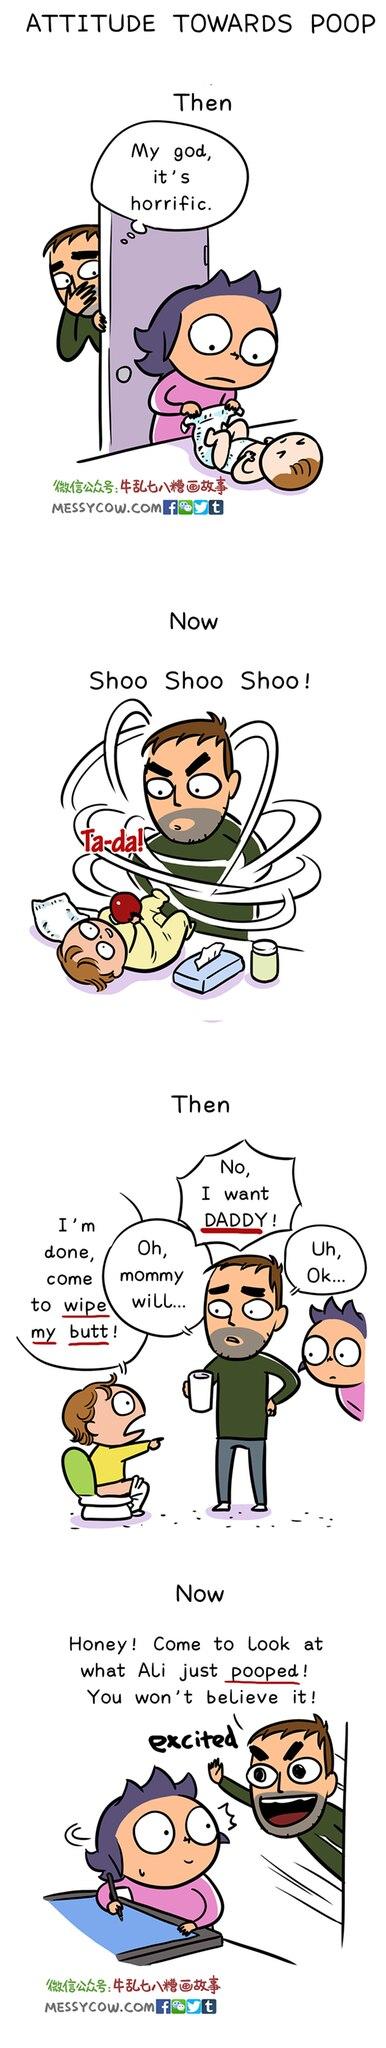 Zum Schießen! Comics zeigen die Wahrheit über das Leben als Vater